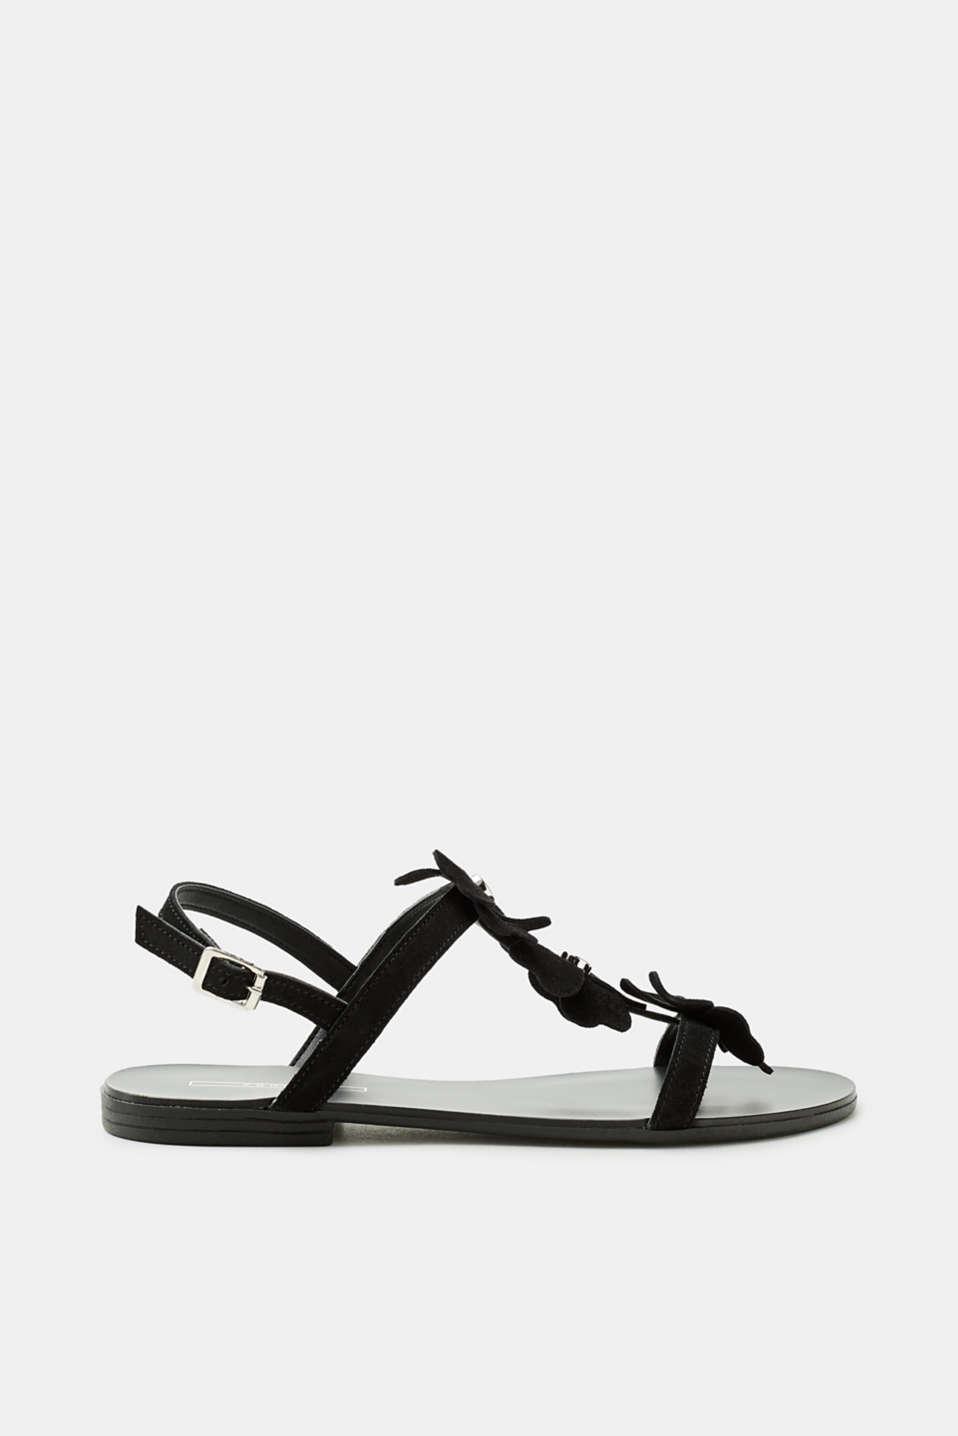 Esprit Flache Sandale mit Kleeblatt-Besatz, aus Leder für Damen, Größe 38, Black